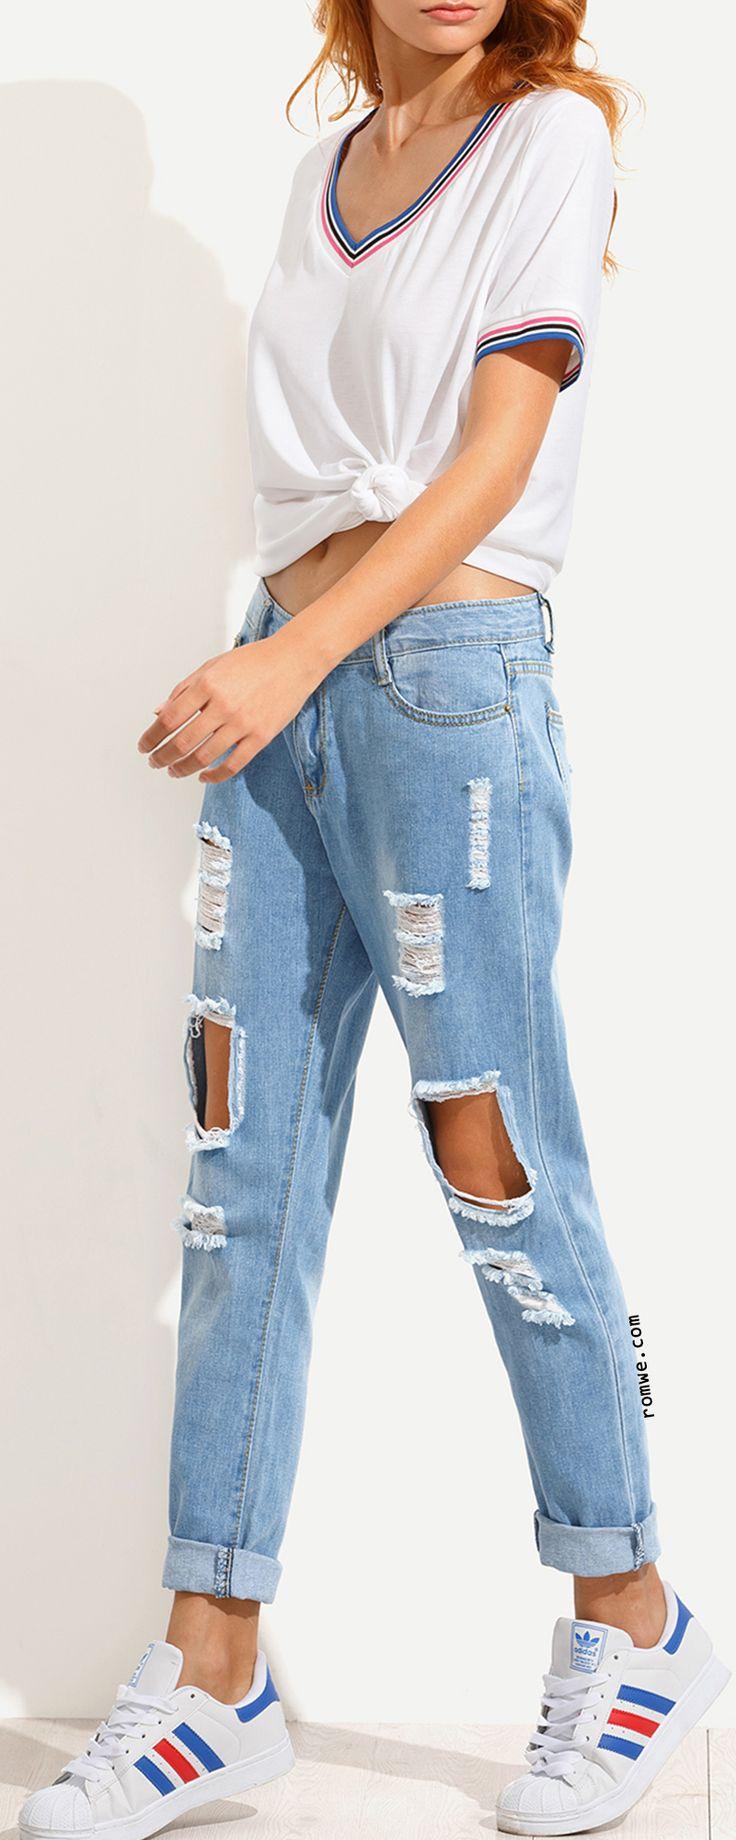 die besten 25 wei e zerrissene jeans ideen auf pinterest. Black Bedroom Furniture Sets. Home Design Ideas